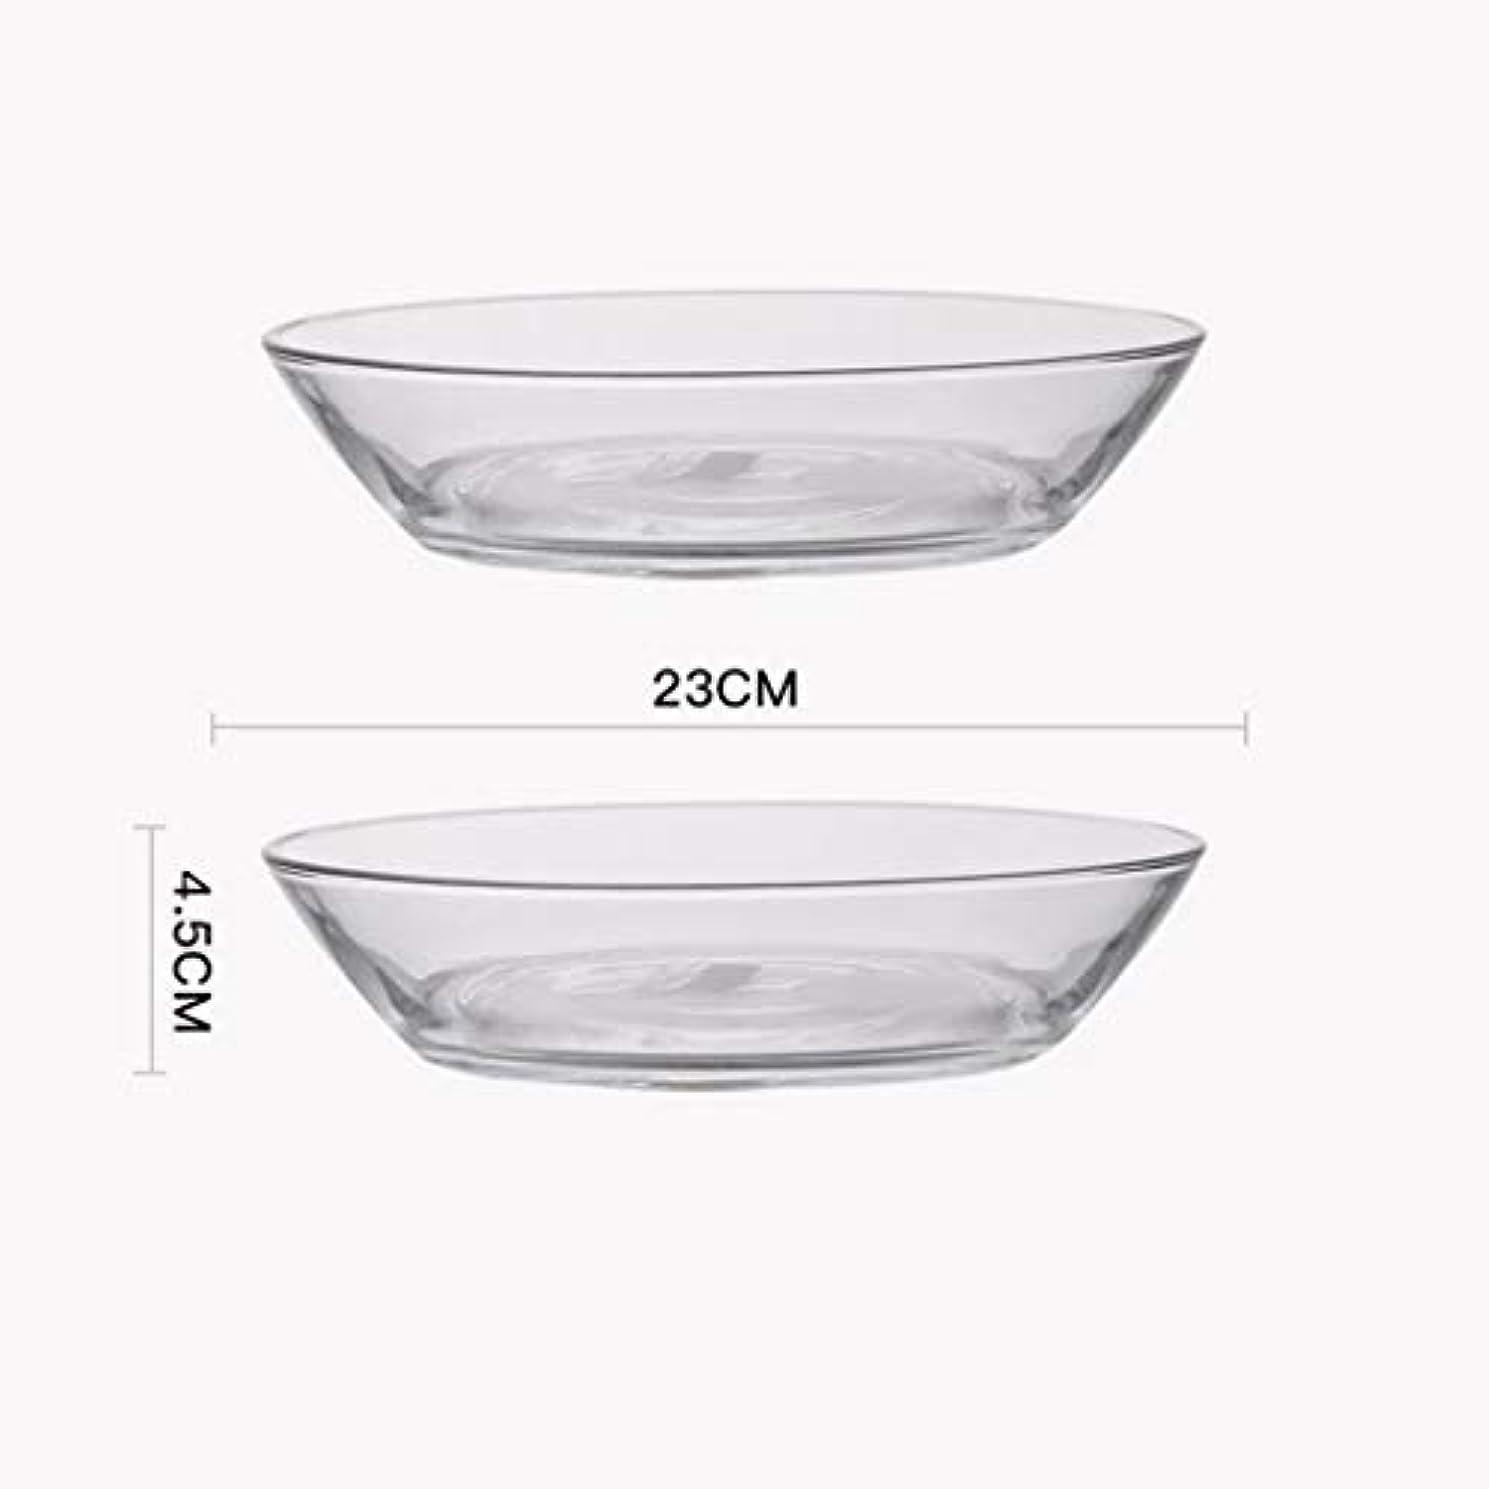 動機セメント補助金丸型ホットプレート 利用可能な強化透明なガラスフルーツサラダプレート食器耐熱クリエイティブディッシュプレートホームオーブンレンジ (Color : Clear, Size : 23*4.5cm)